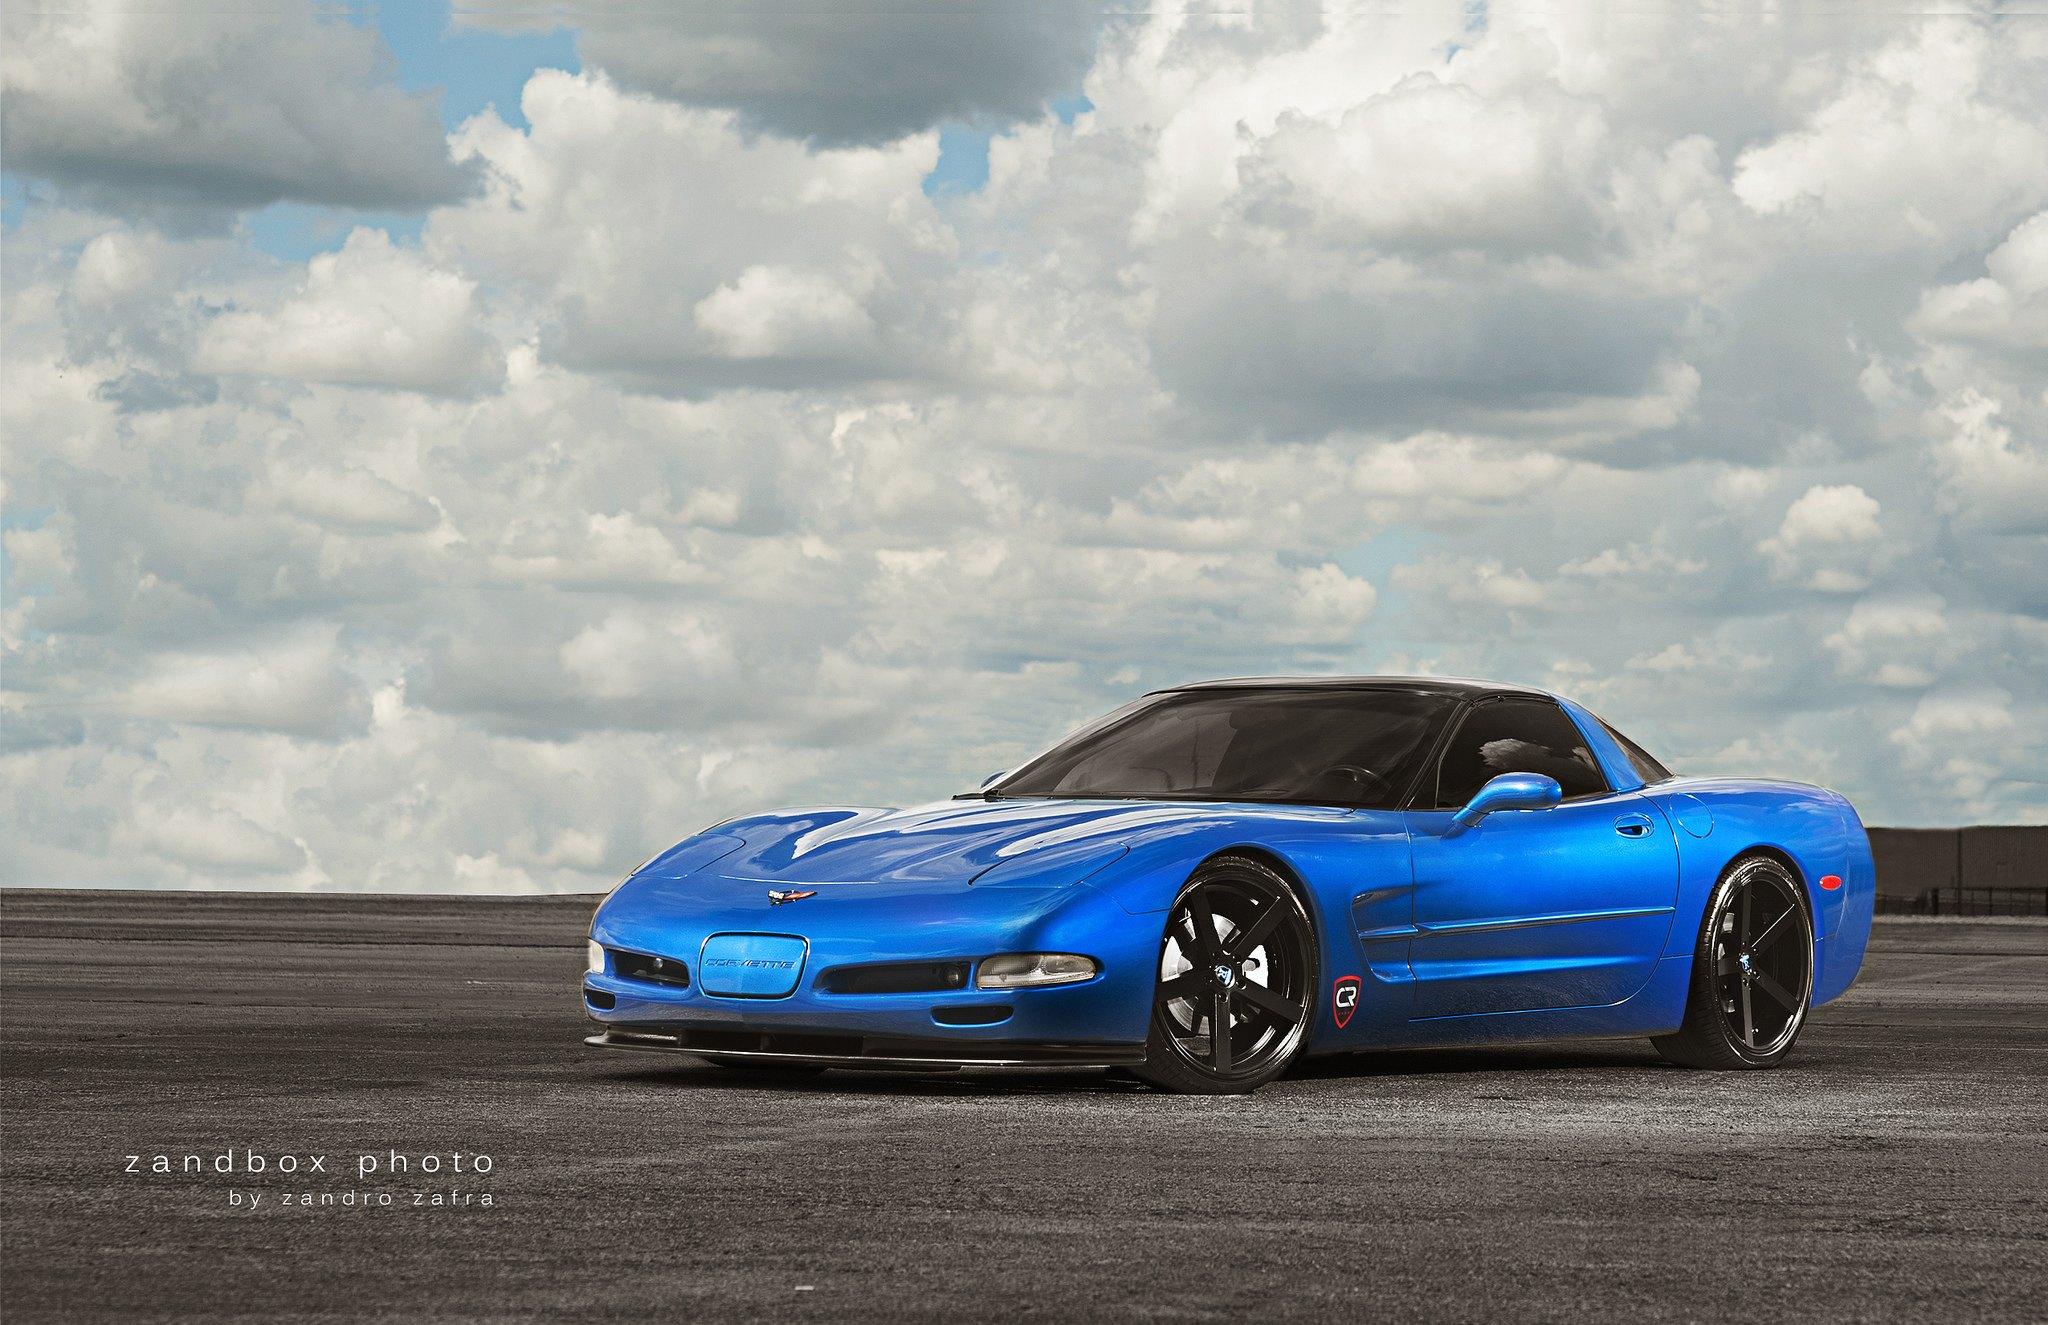 2015 Chevy Monte Carlo >> Custom 1999 Chevy Corvette | Images, Mods, Photos, Upgrades — CARiD.com Gallery